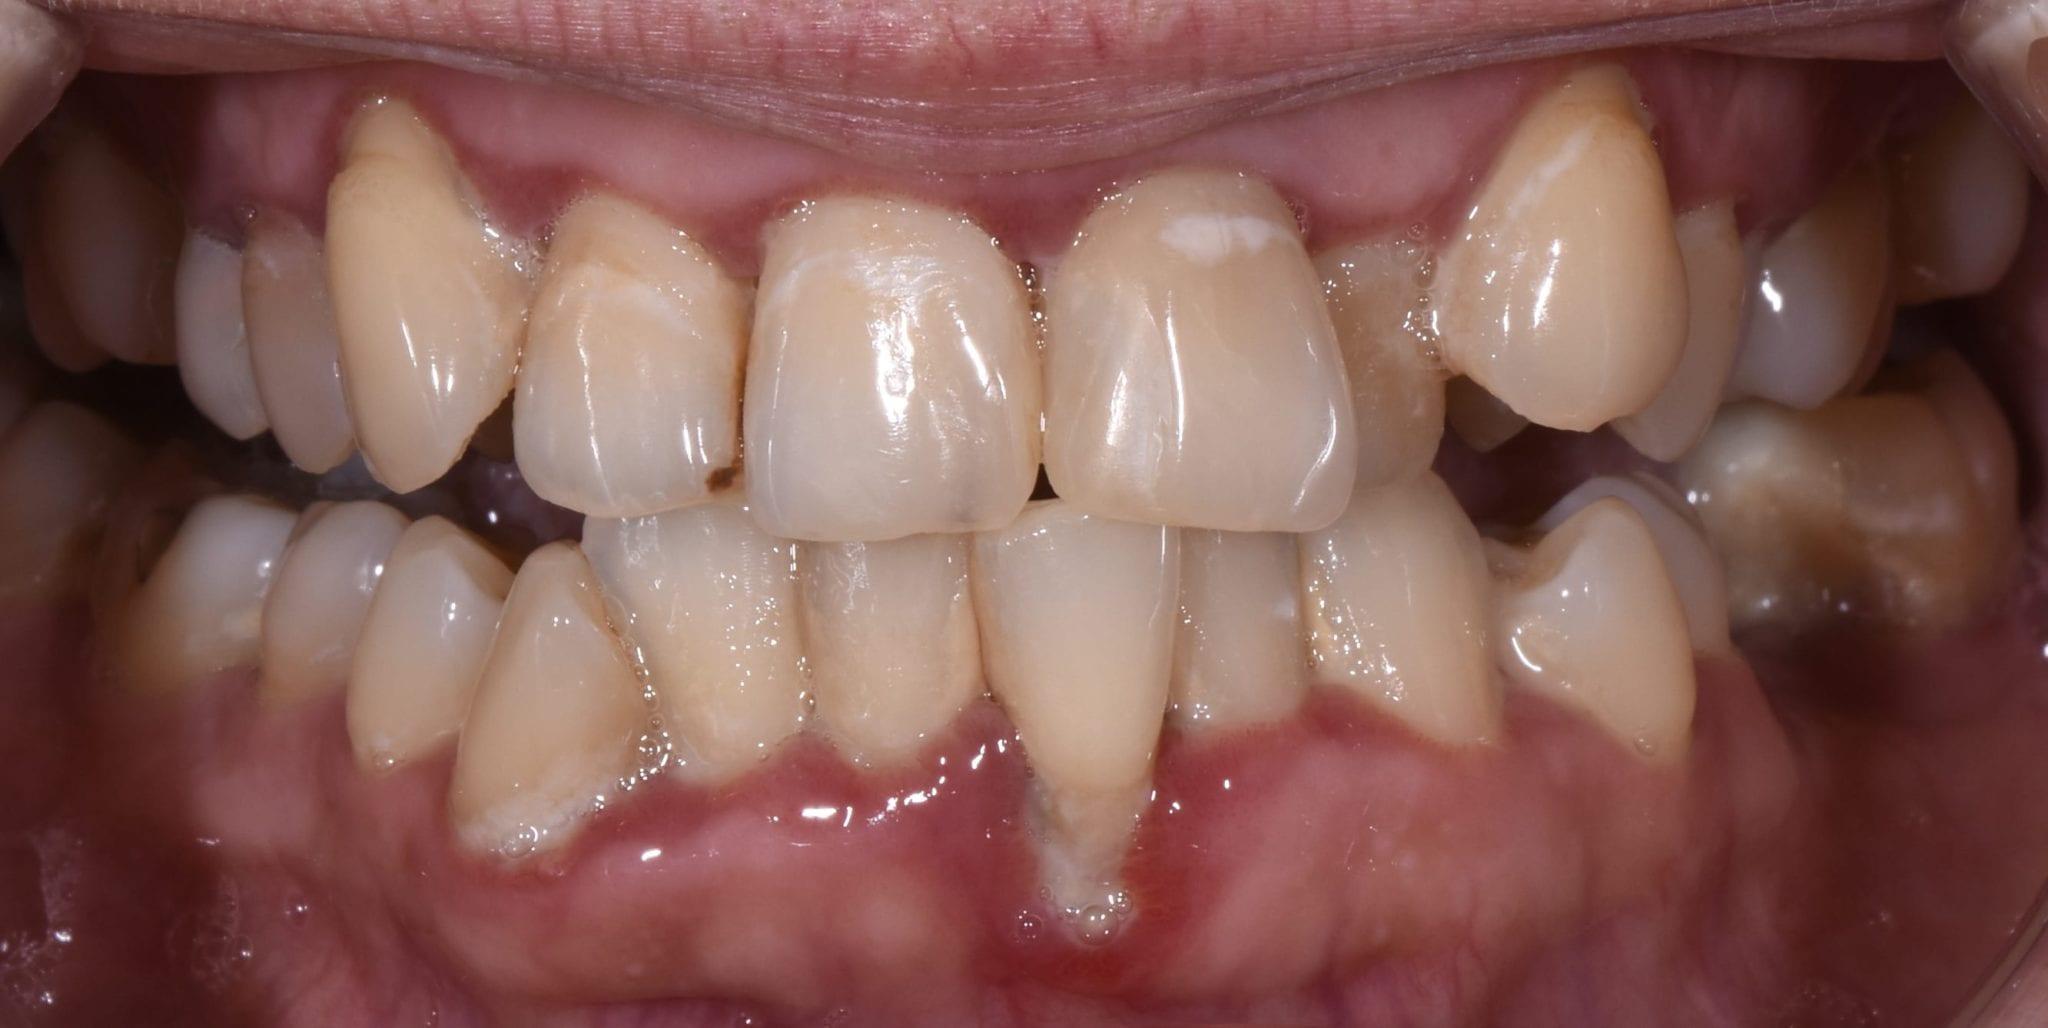 Valutab liigese parast hamba eemaldamist